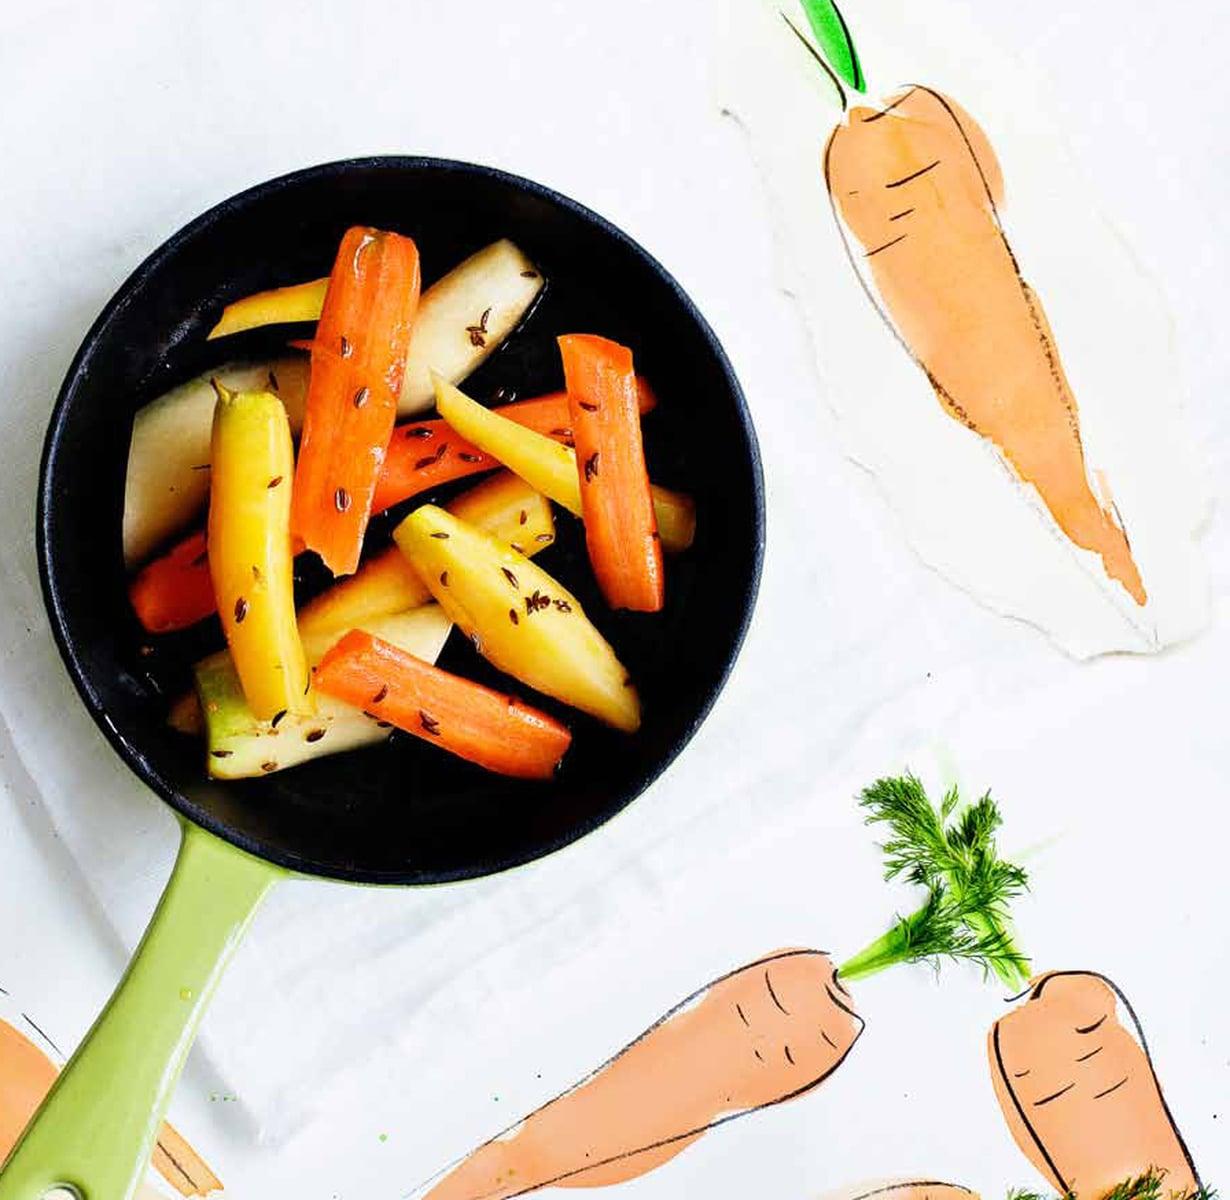 Lämmin Porkkanalisäke